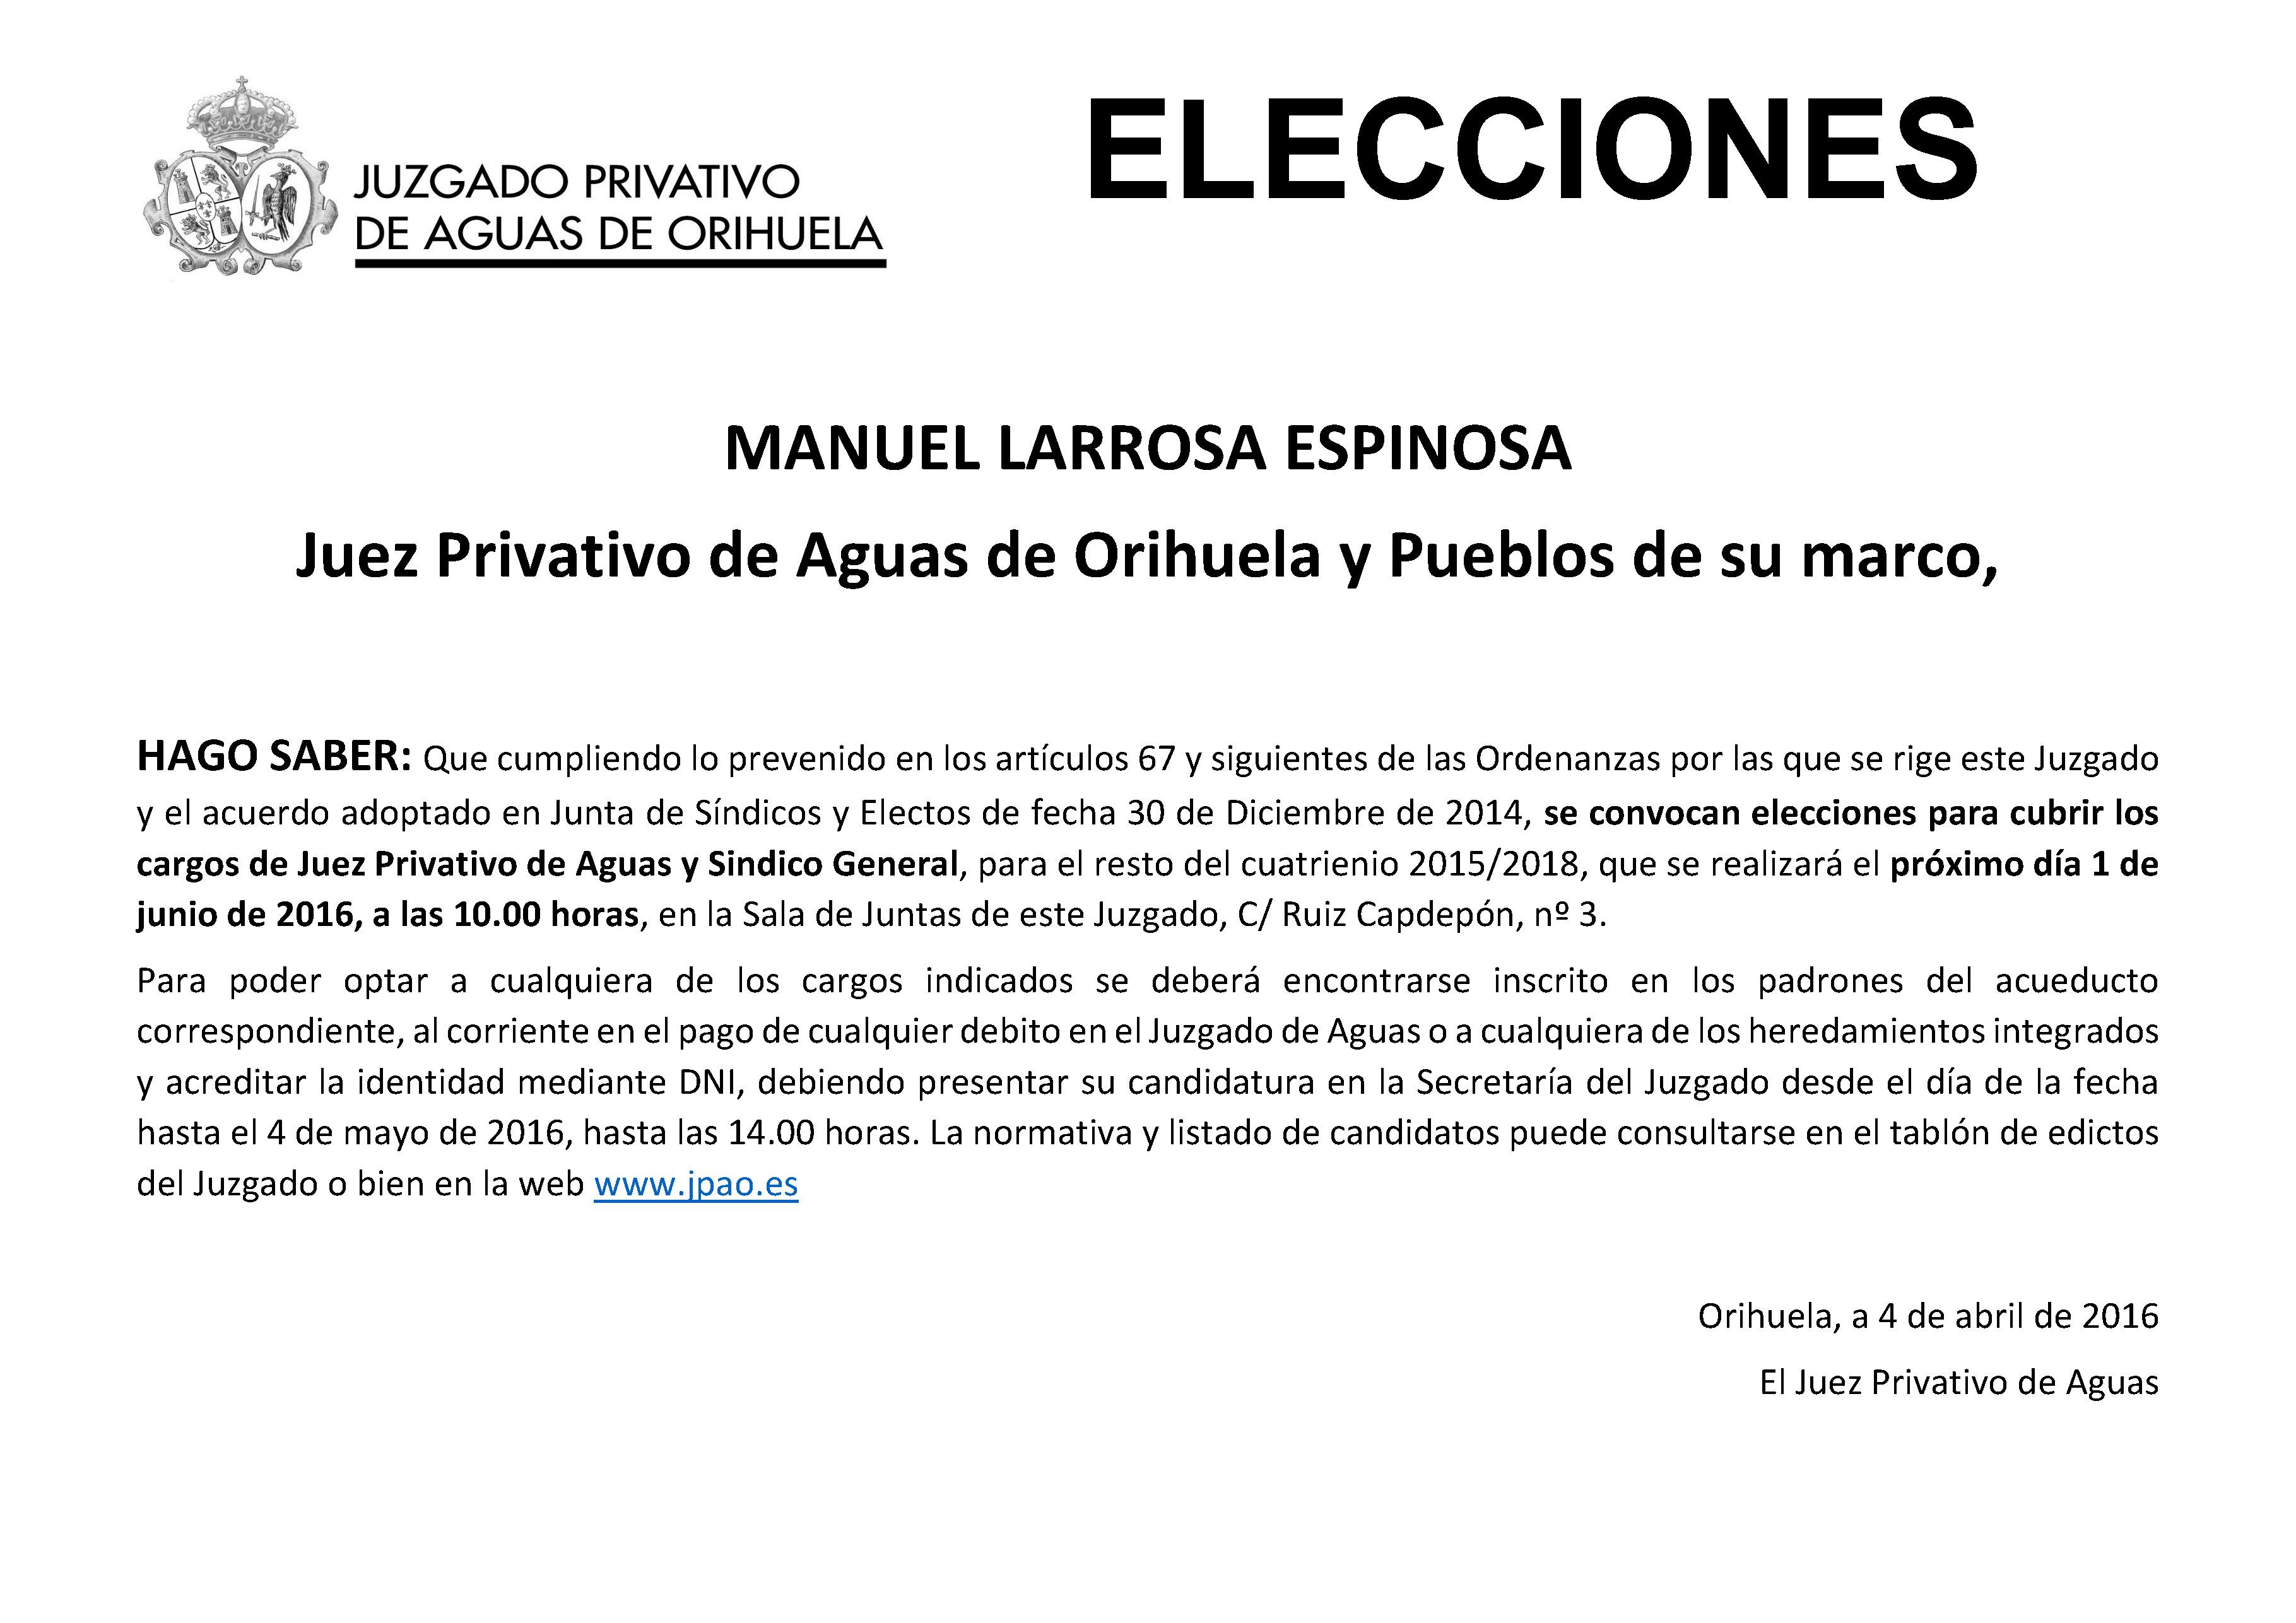 2016 EDICTO CONVOCATORIA ELECCIONES JUEZ Y SINDICO GENERAL